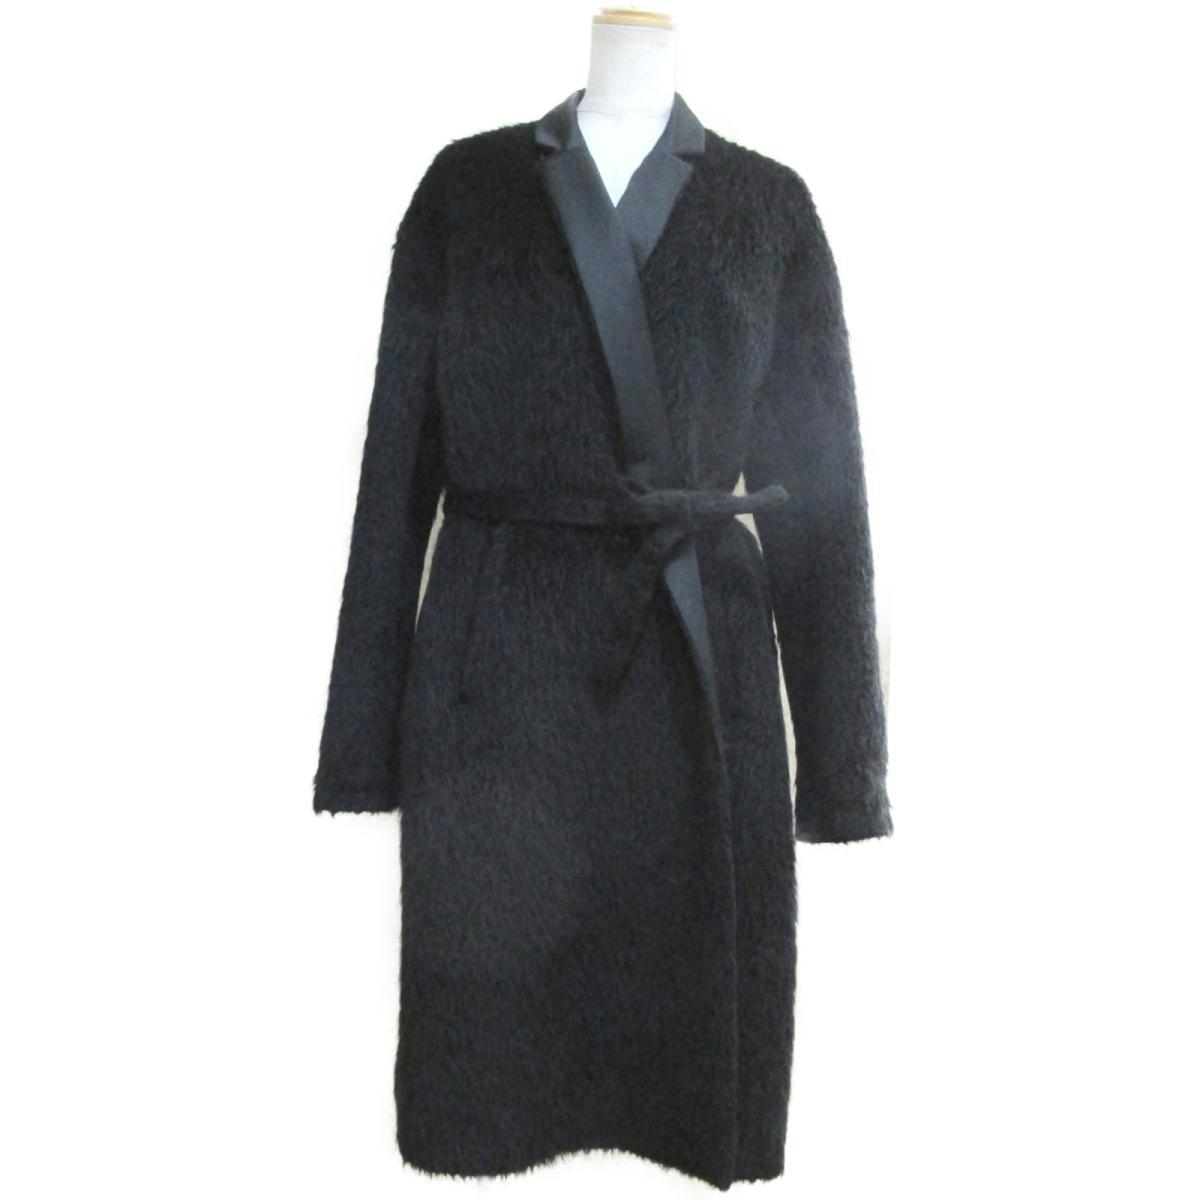 【中古】 ロシャス コート レディース ウール100% ブラック | ROCHAS BRANDOFF ブランドオフ 衣料品 衣類 ブランド アウター ジャケット